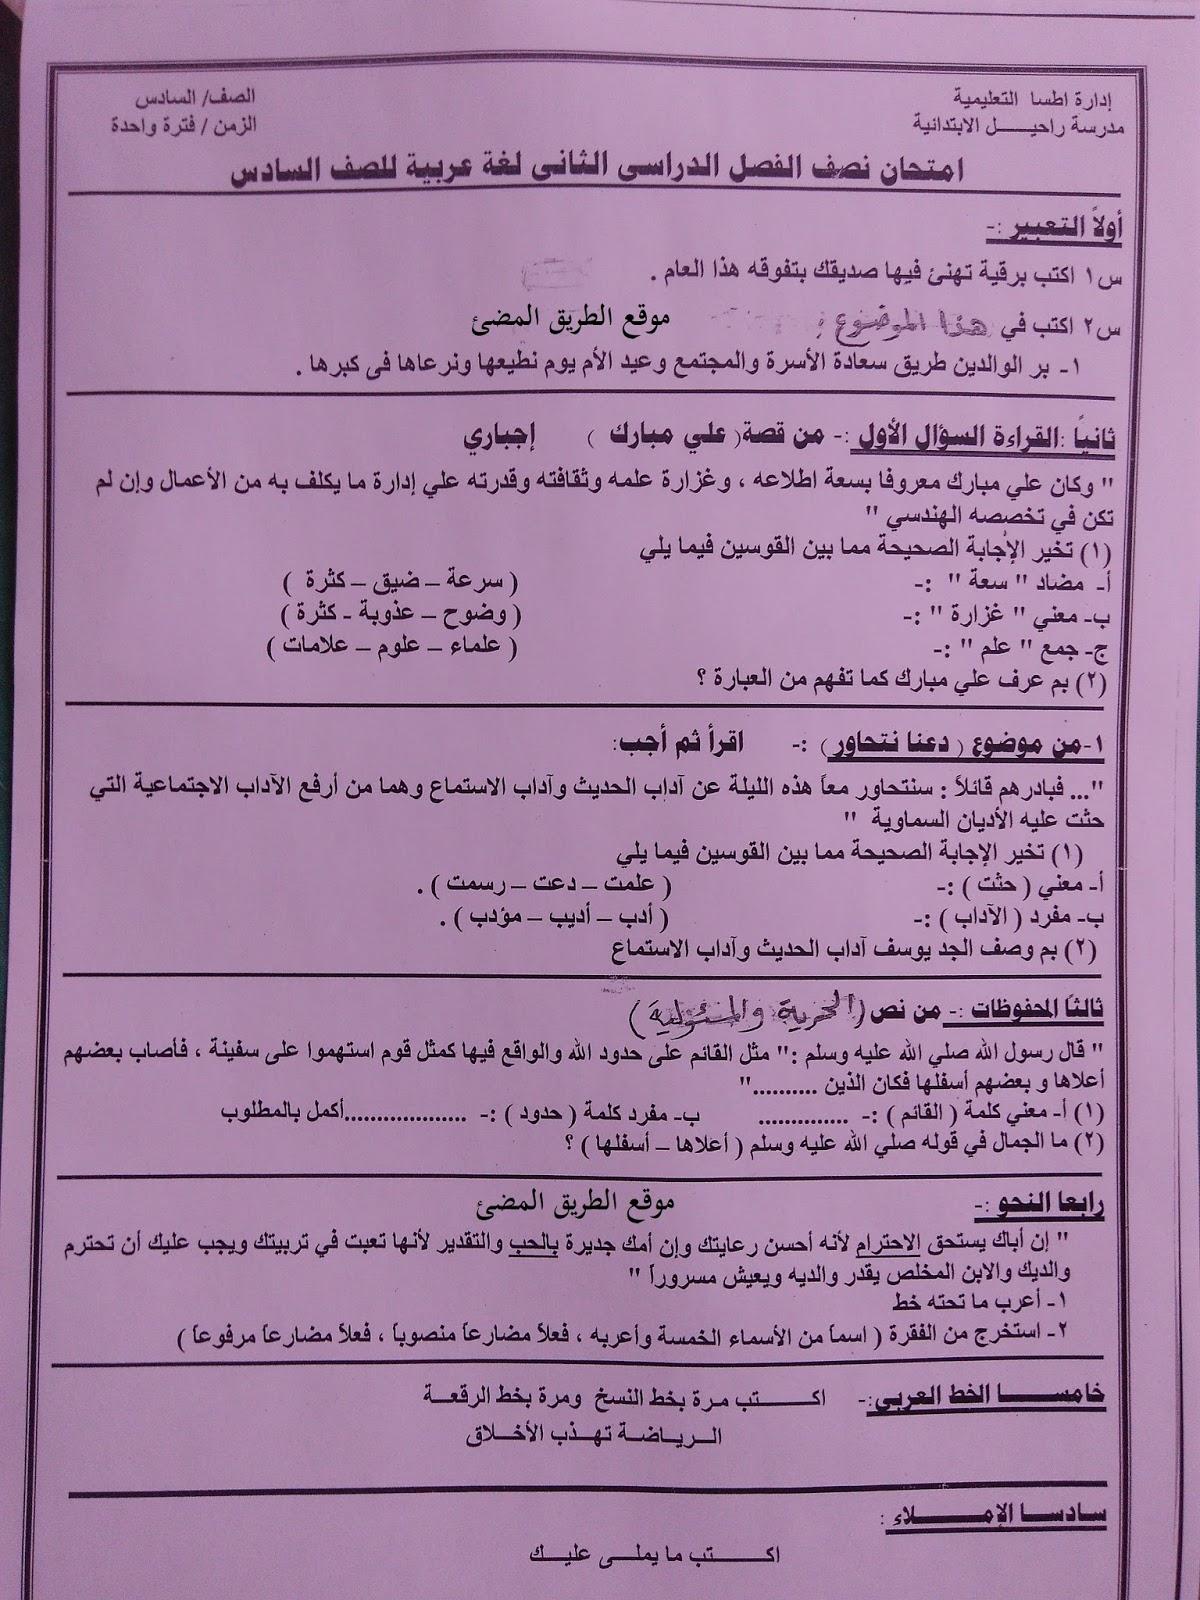 إمتحان نصف الترم للصف السادس الابتدائي في اللغة العربية , عربى  ميد ترم   سادسة ابتدائى